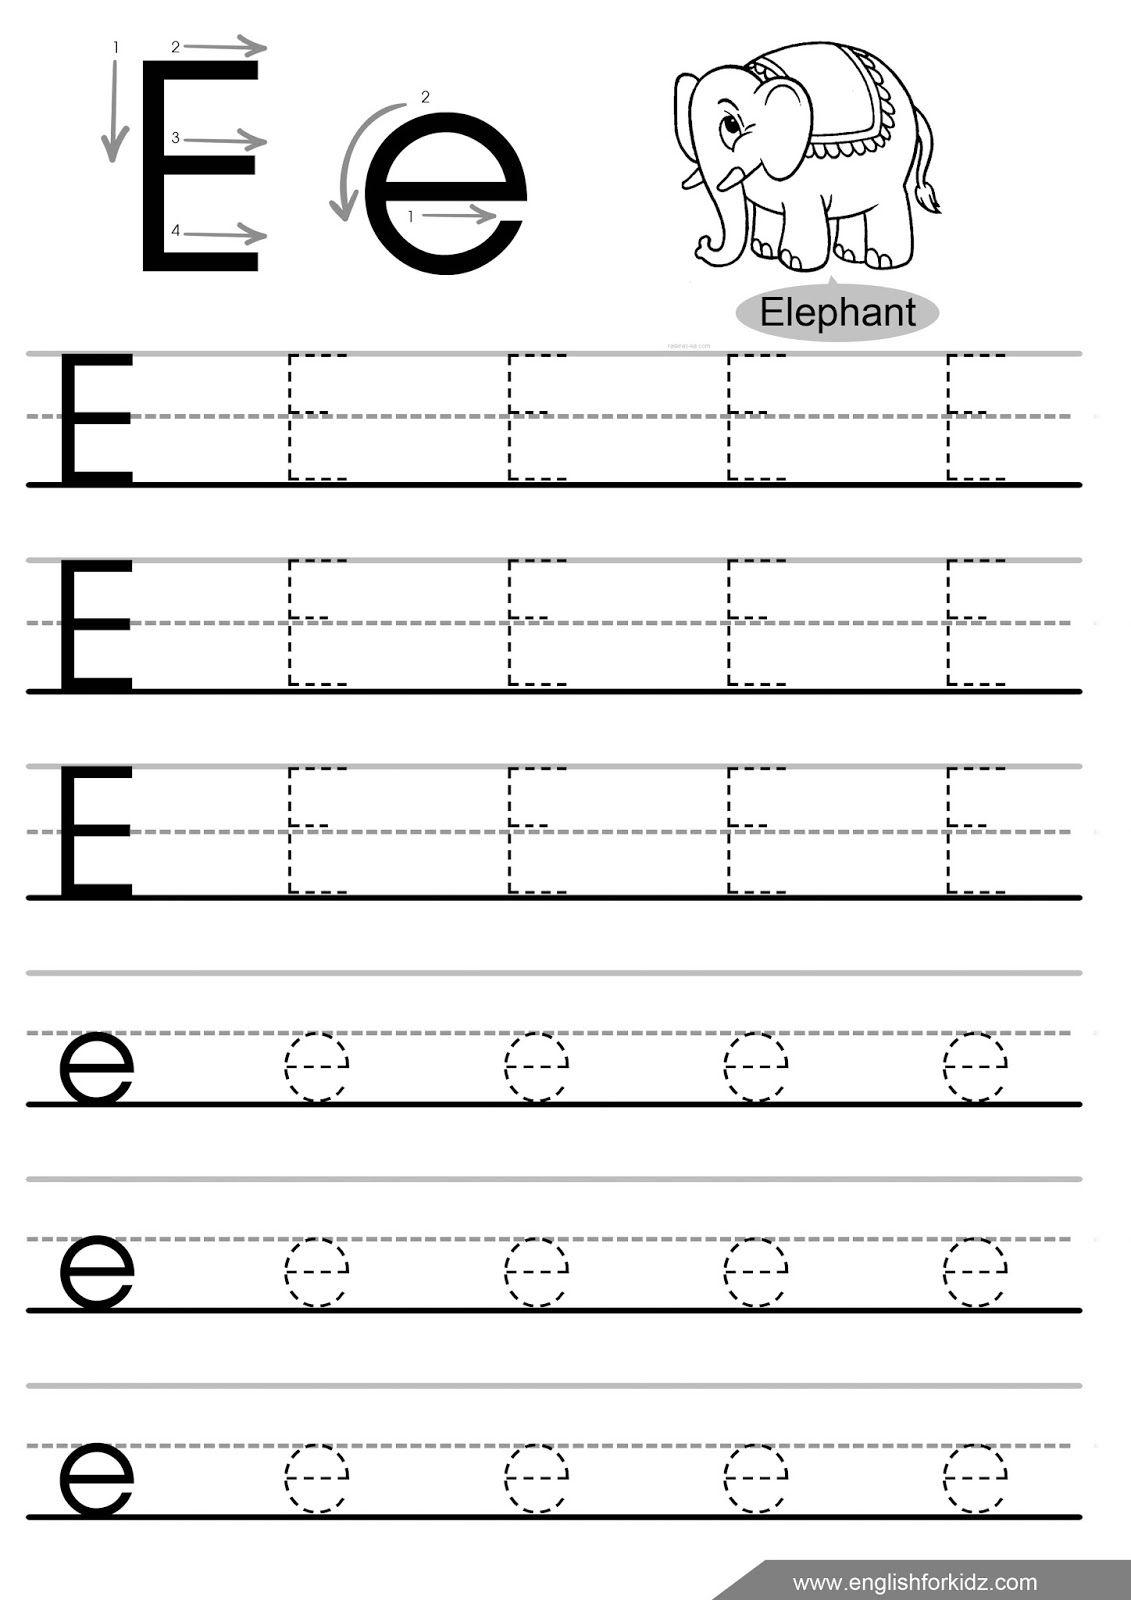 Worksheet Letter N Noodles | Printable Worksheets And intended for Letter H Worksheets Twisty Noodle